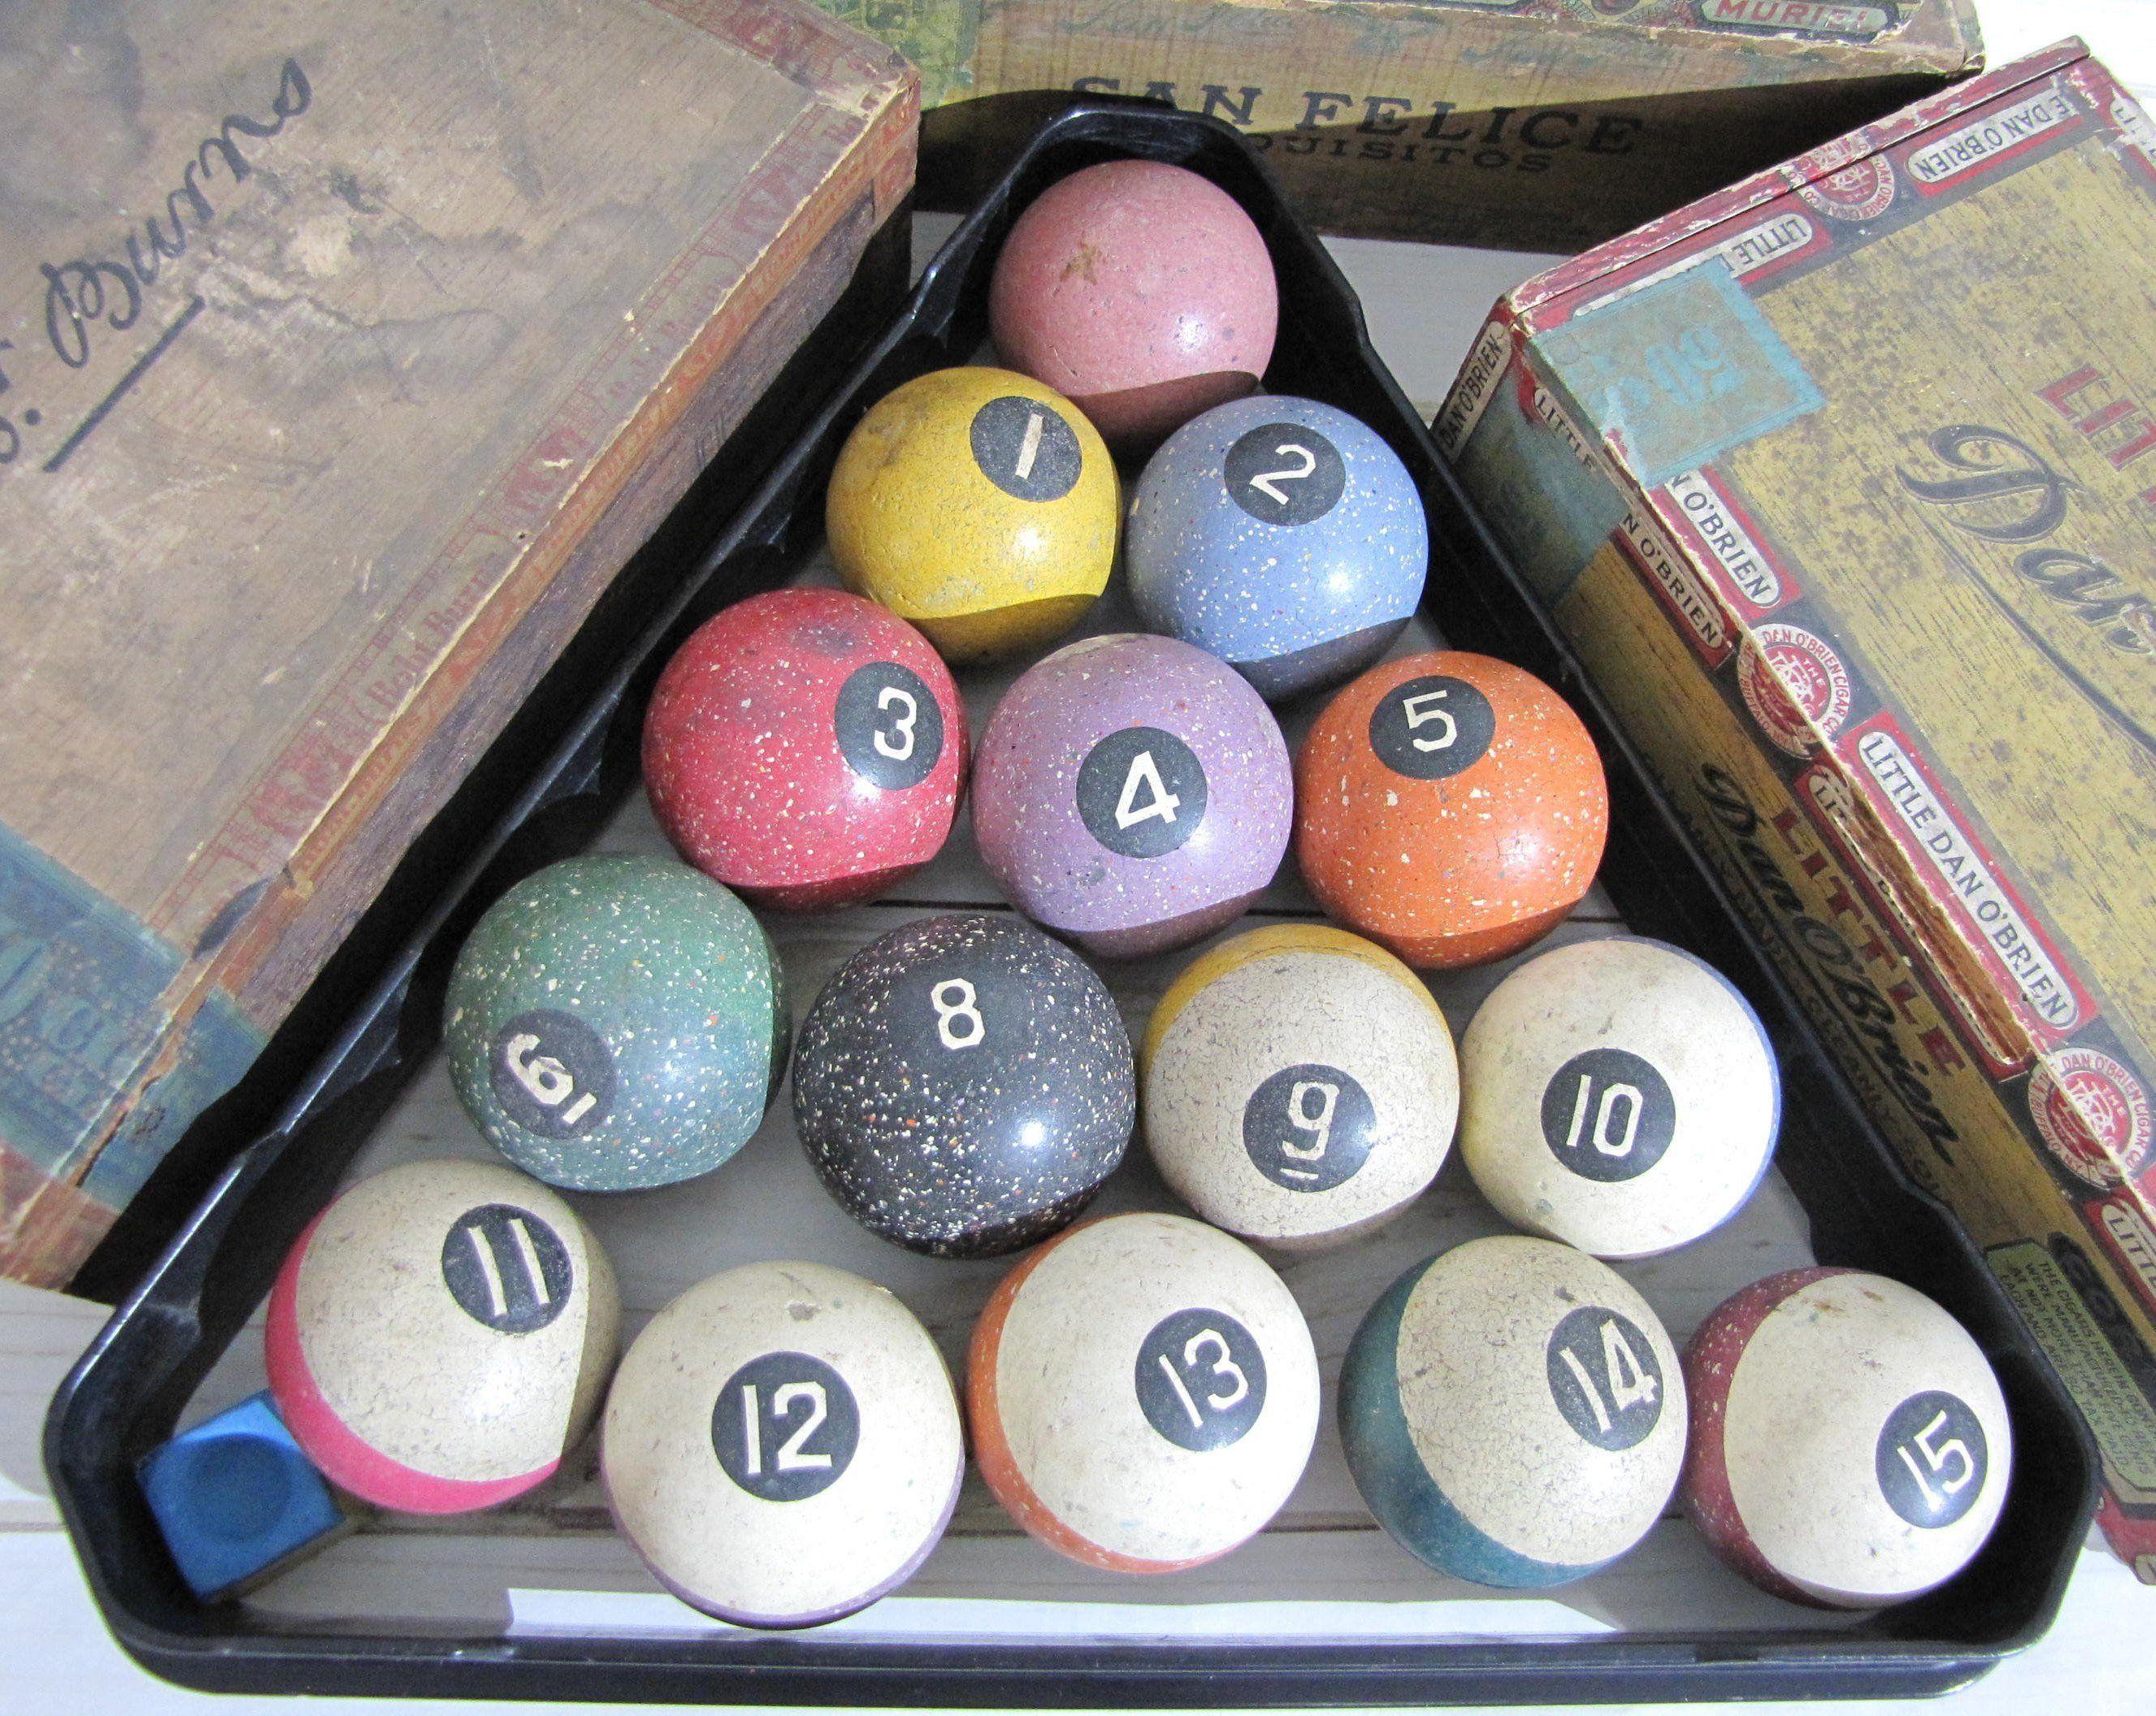 Antique Billiard BallsVintage Pool Balls SpeckledStriped